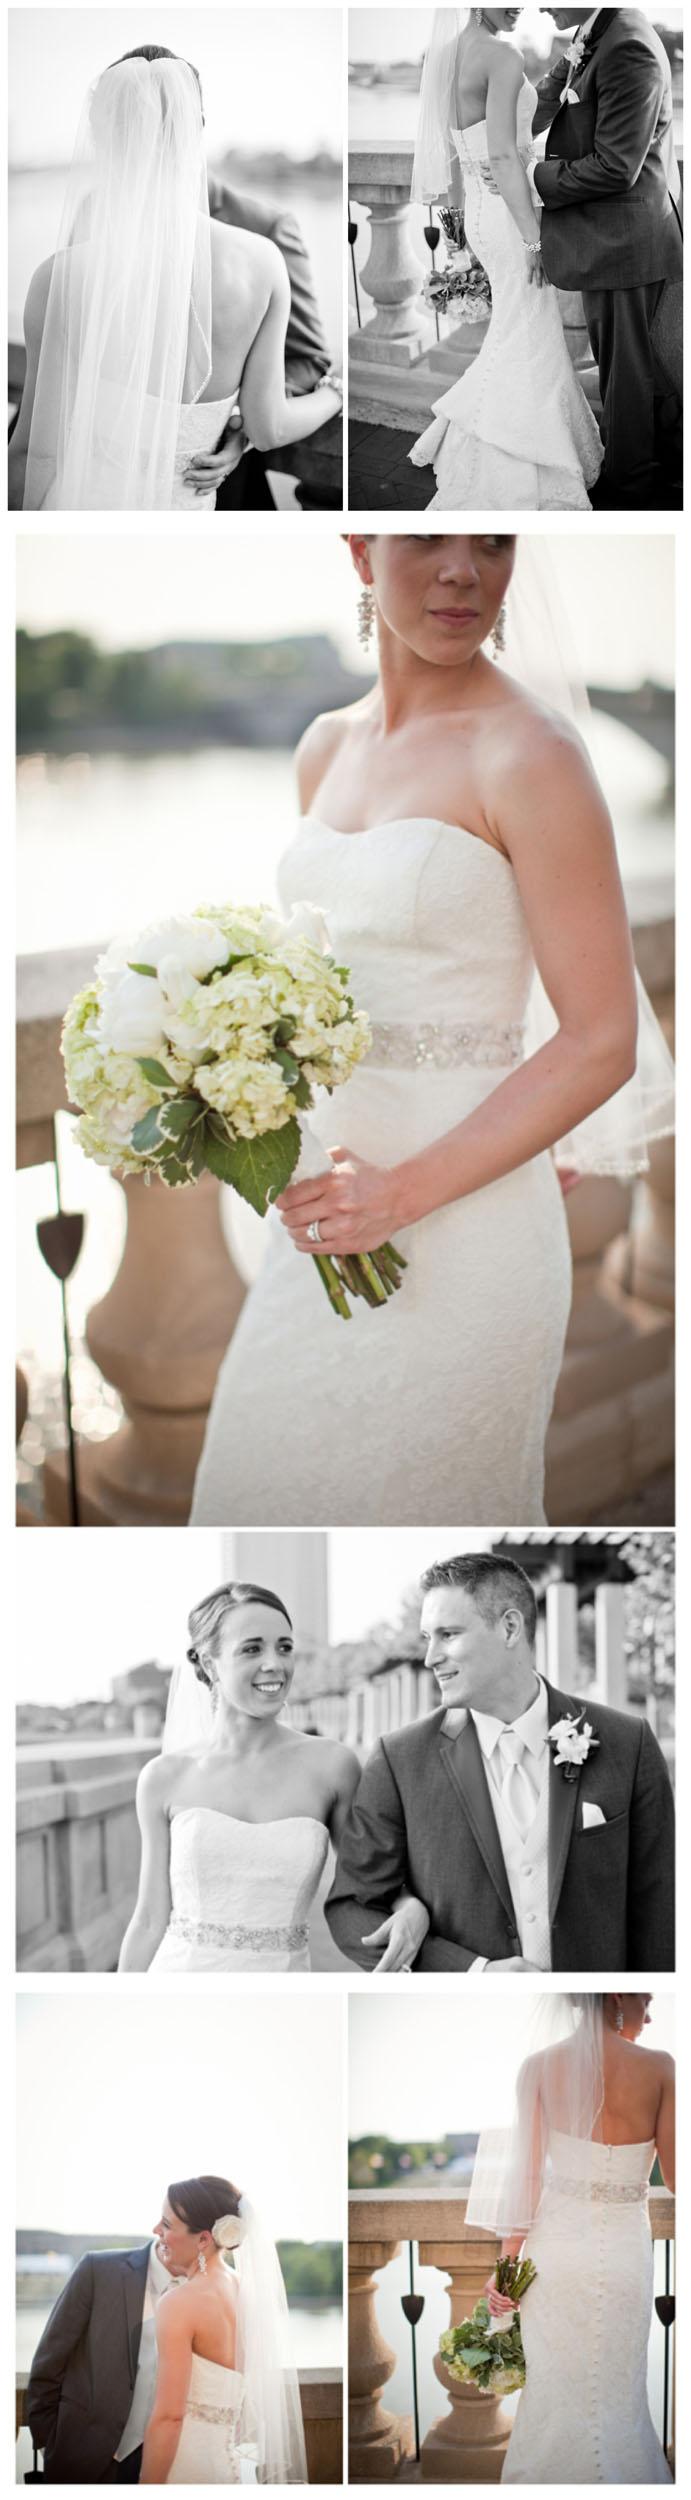 LilyGlassPhotography_Columbus Ohio Wedding Photography08.jpg